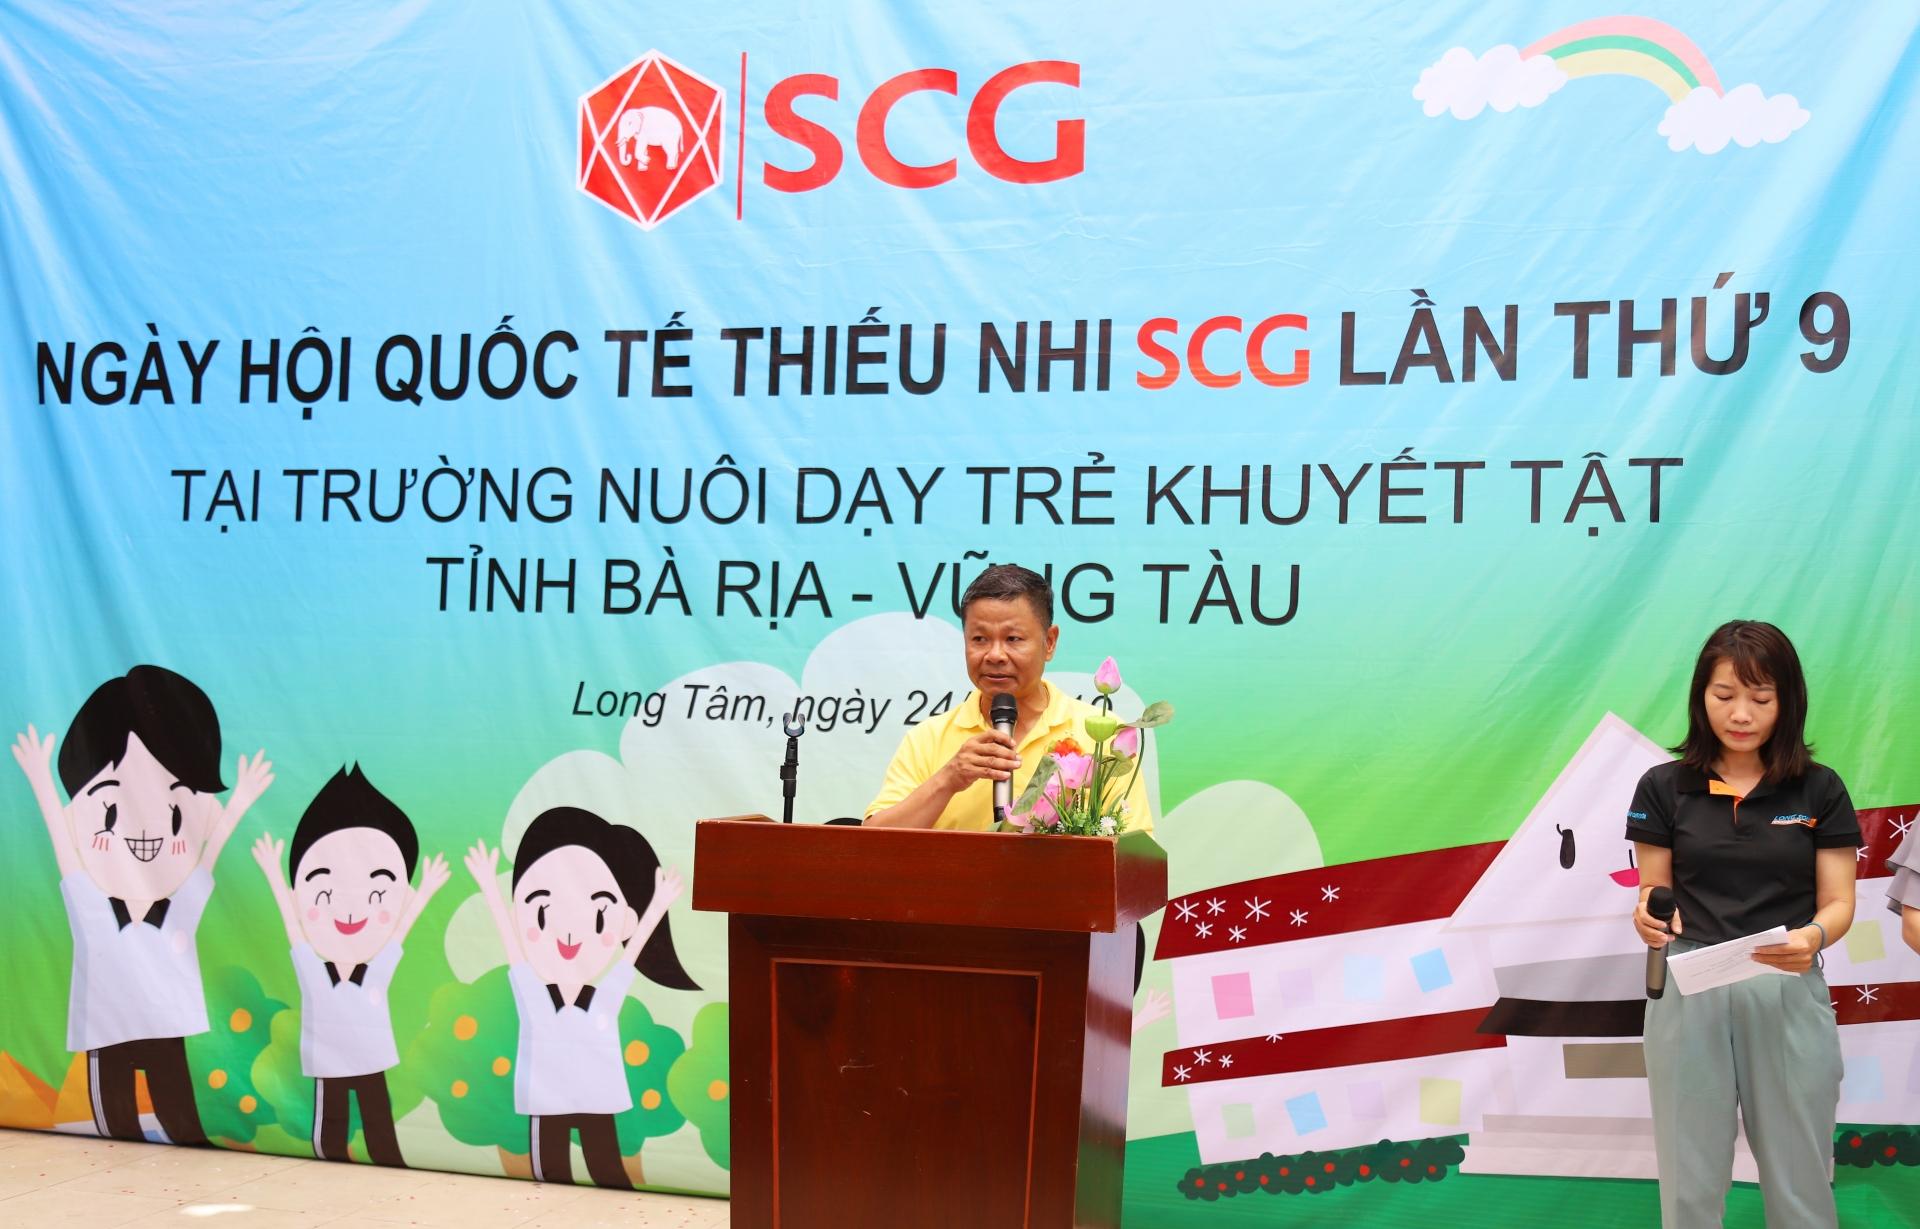 SCG aims to raise green citizens for Ba Ria-Vung Tau